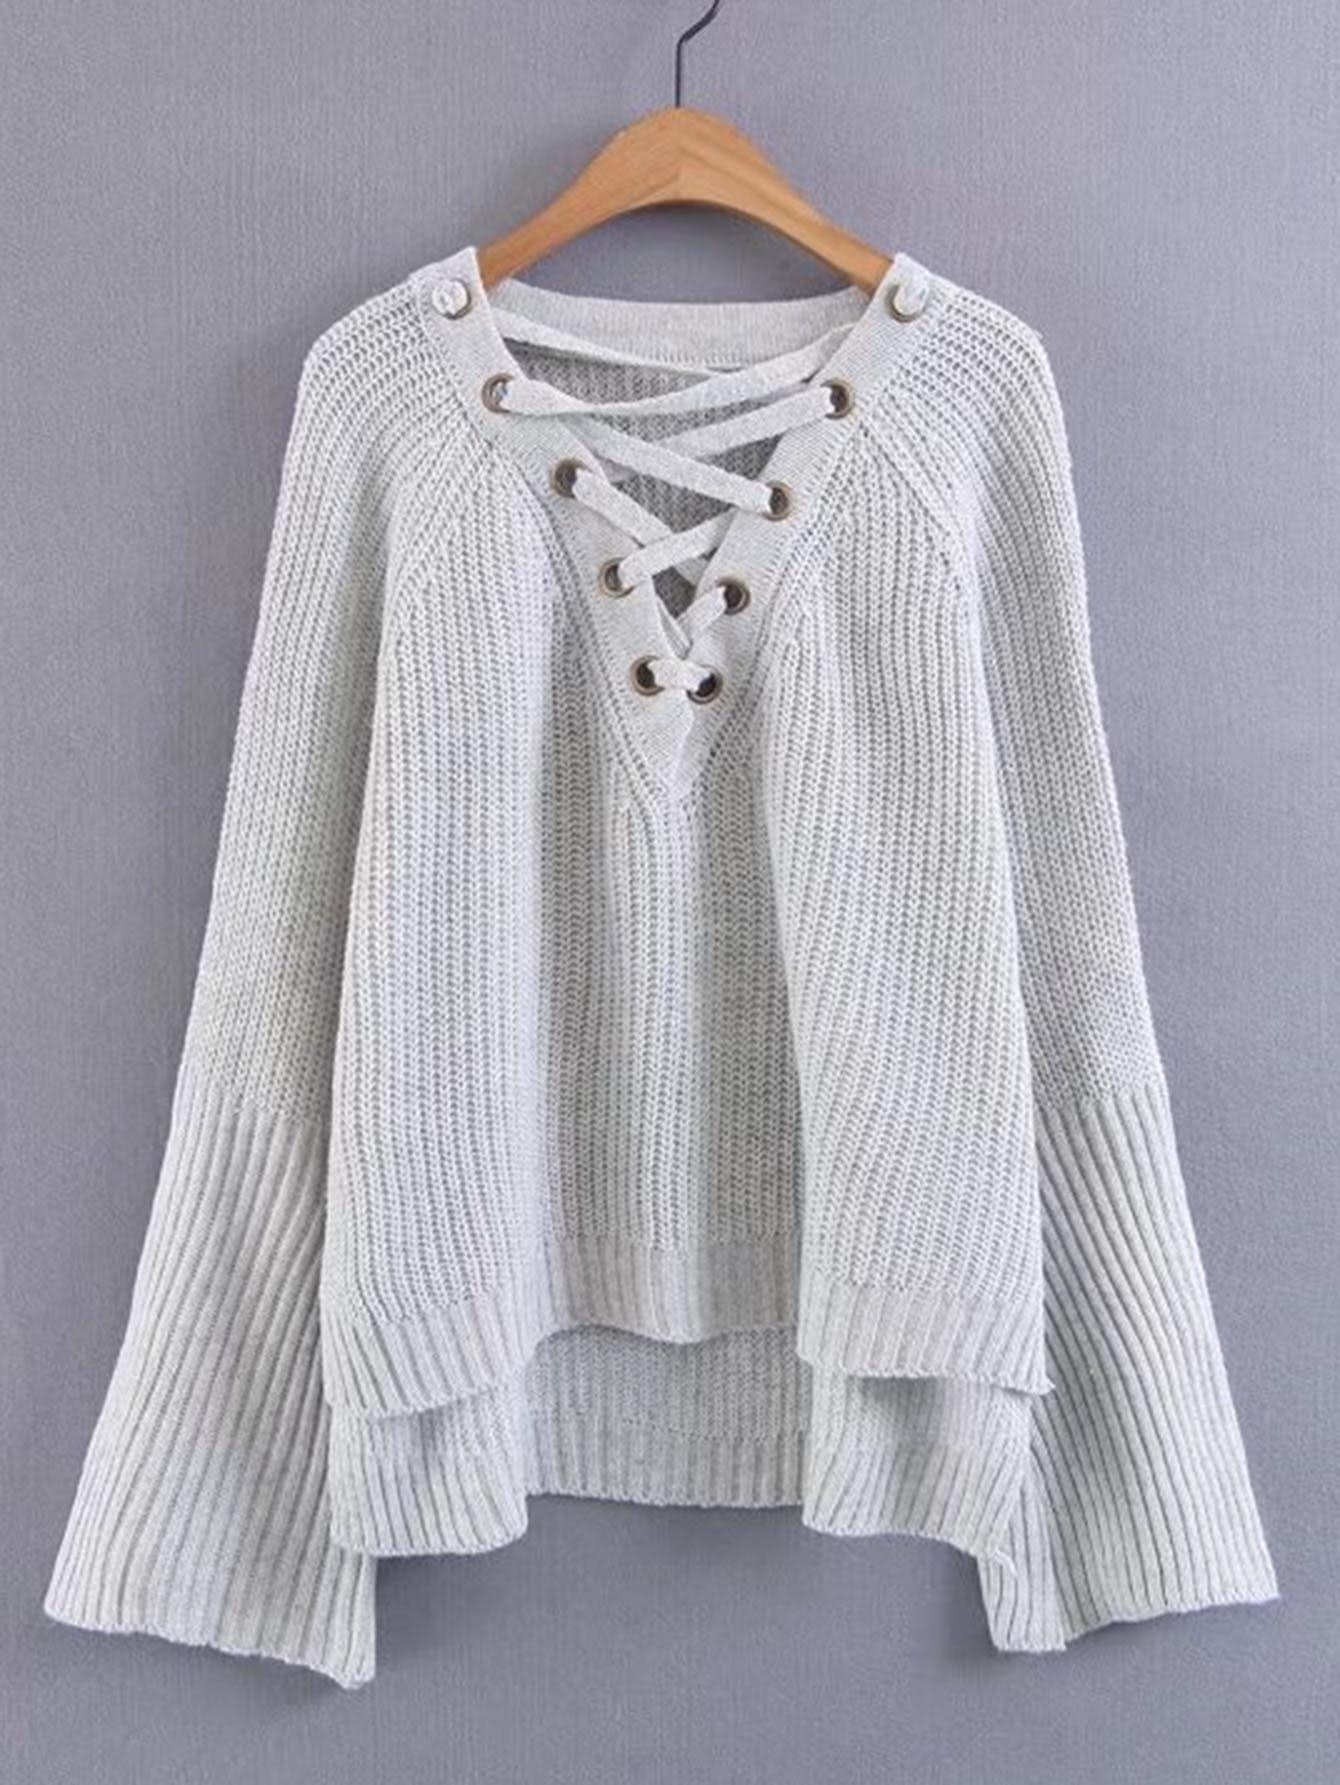 Lace Up V Neck Dip Hem Knitwear sweater170901205